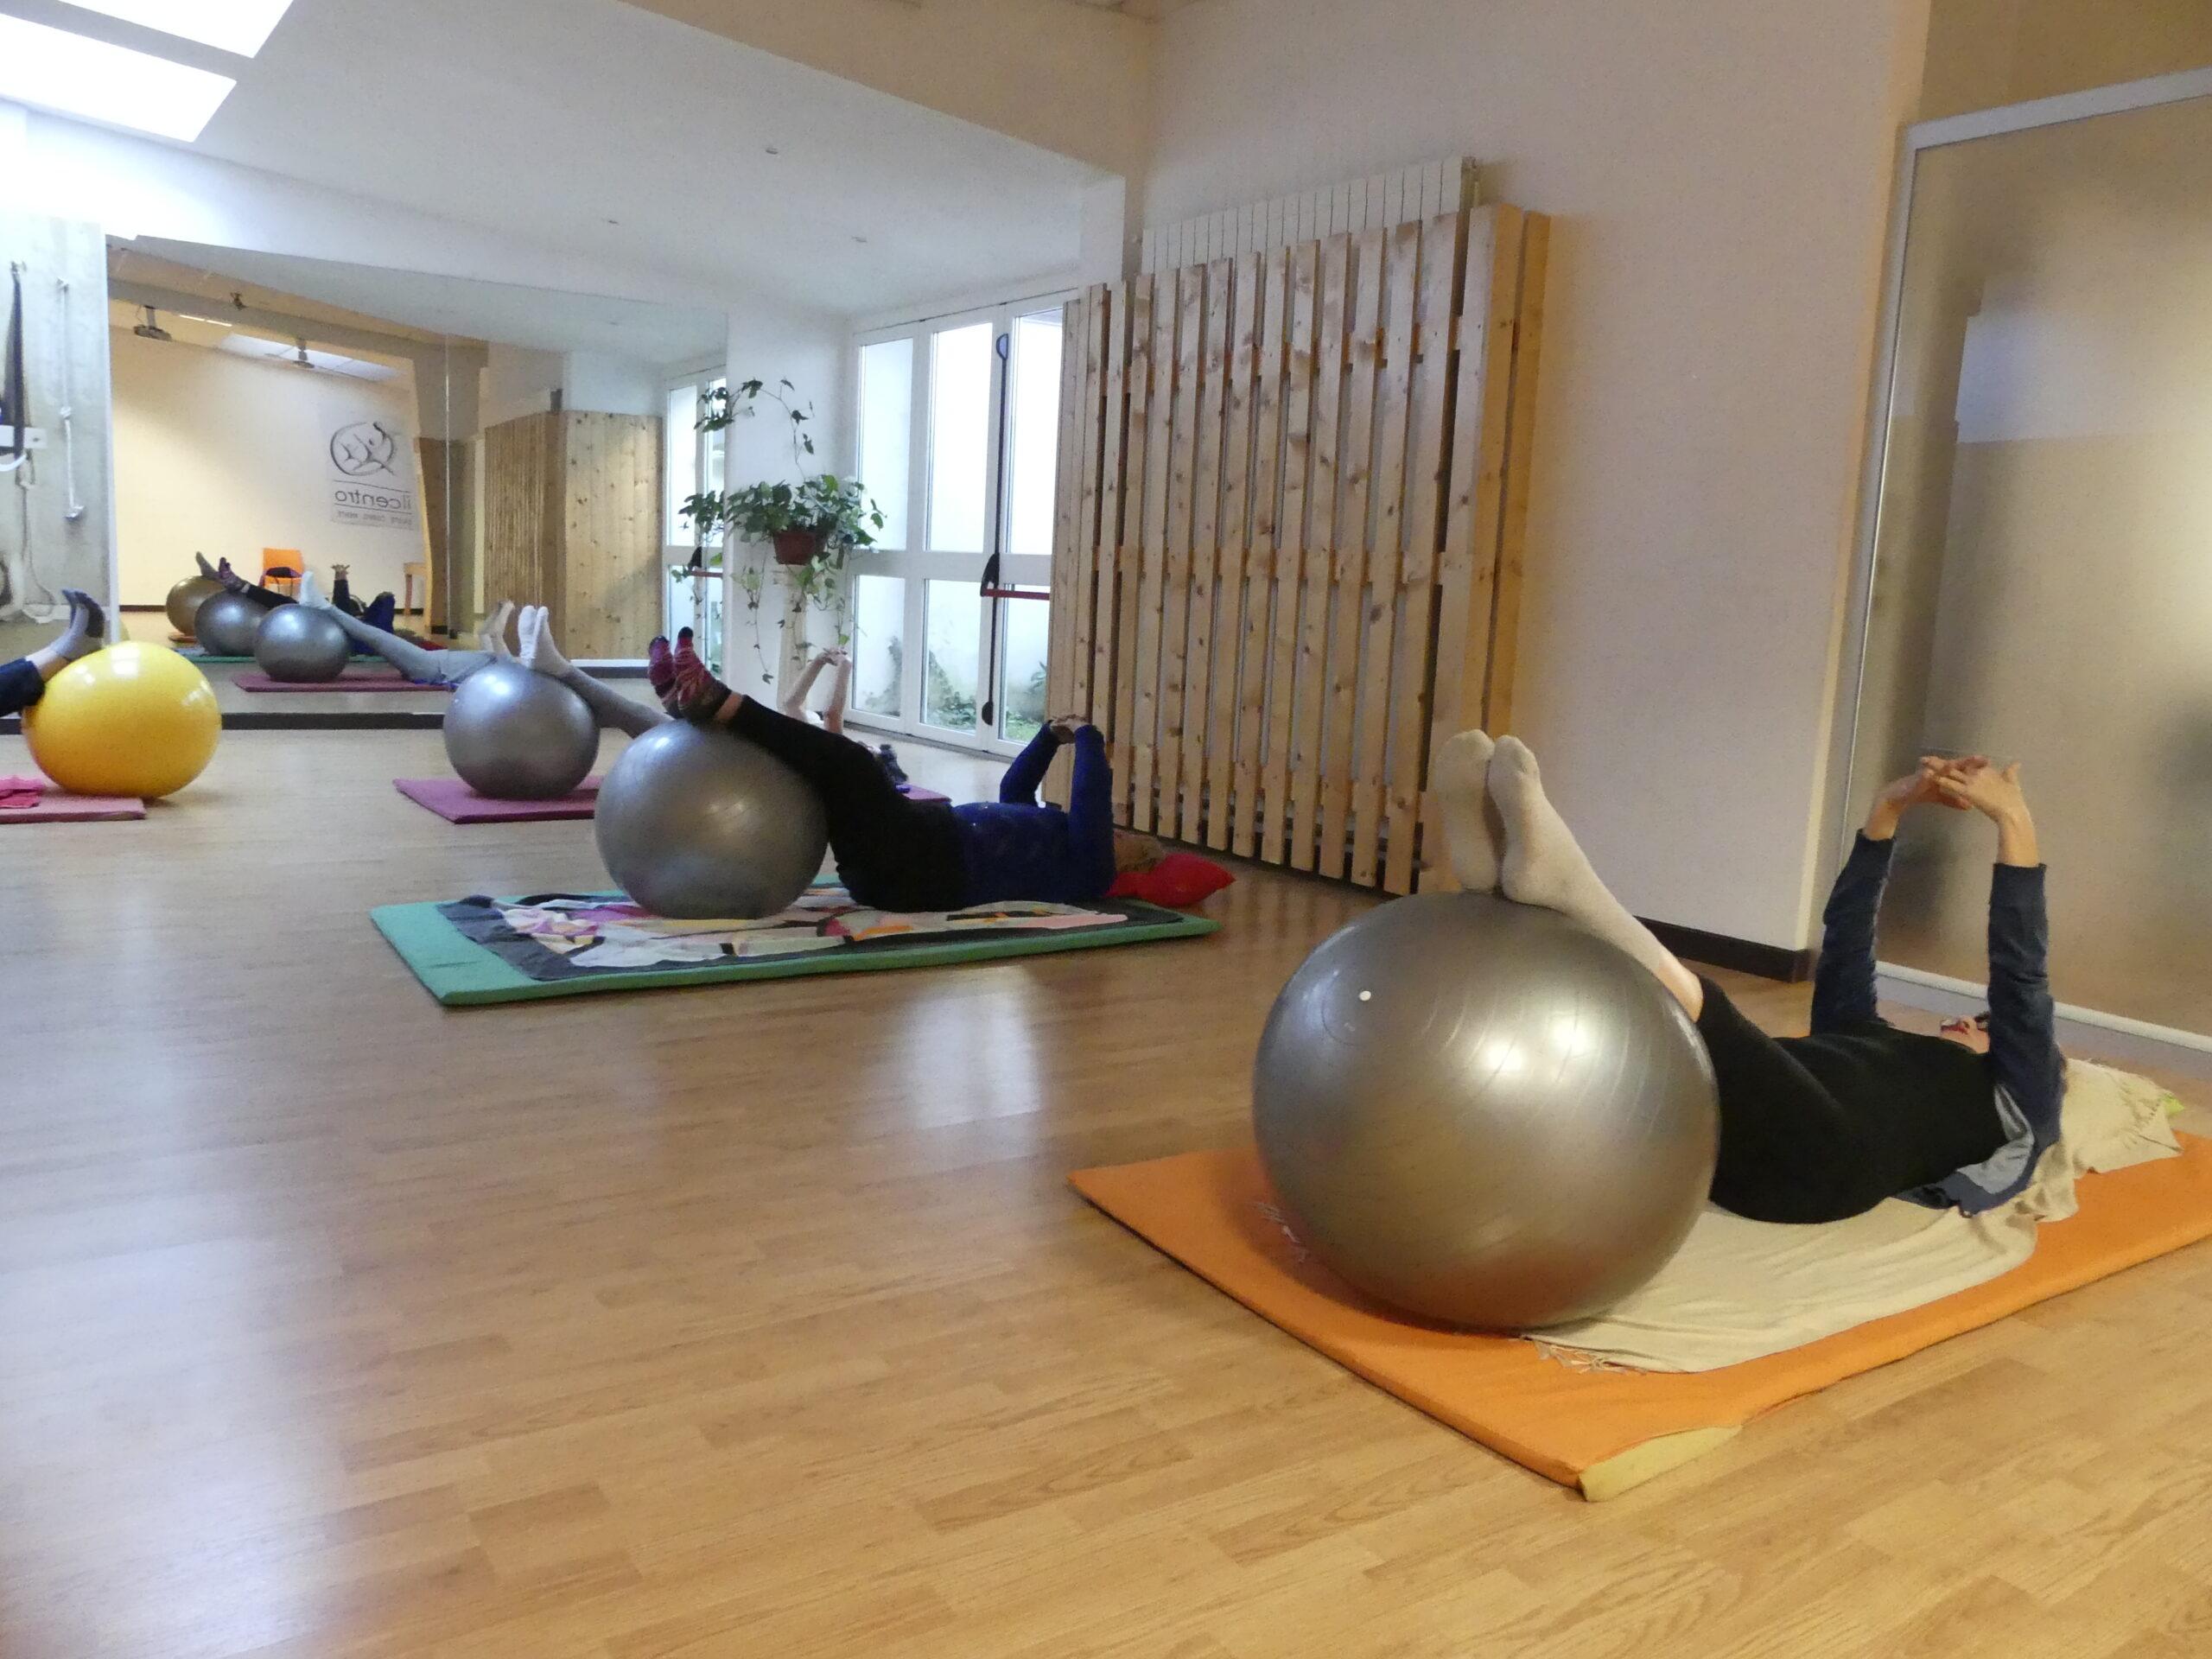 vinyasa yoga respiro e movimento lezione di yoga presso associazione sportiva il centro 4.0 viareggio lucca